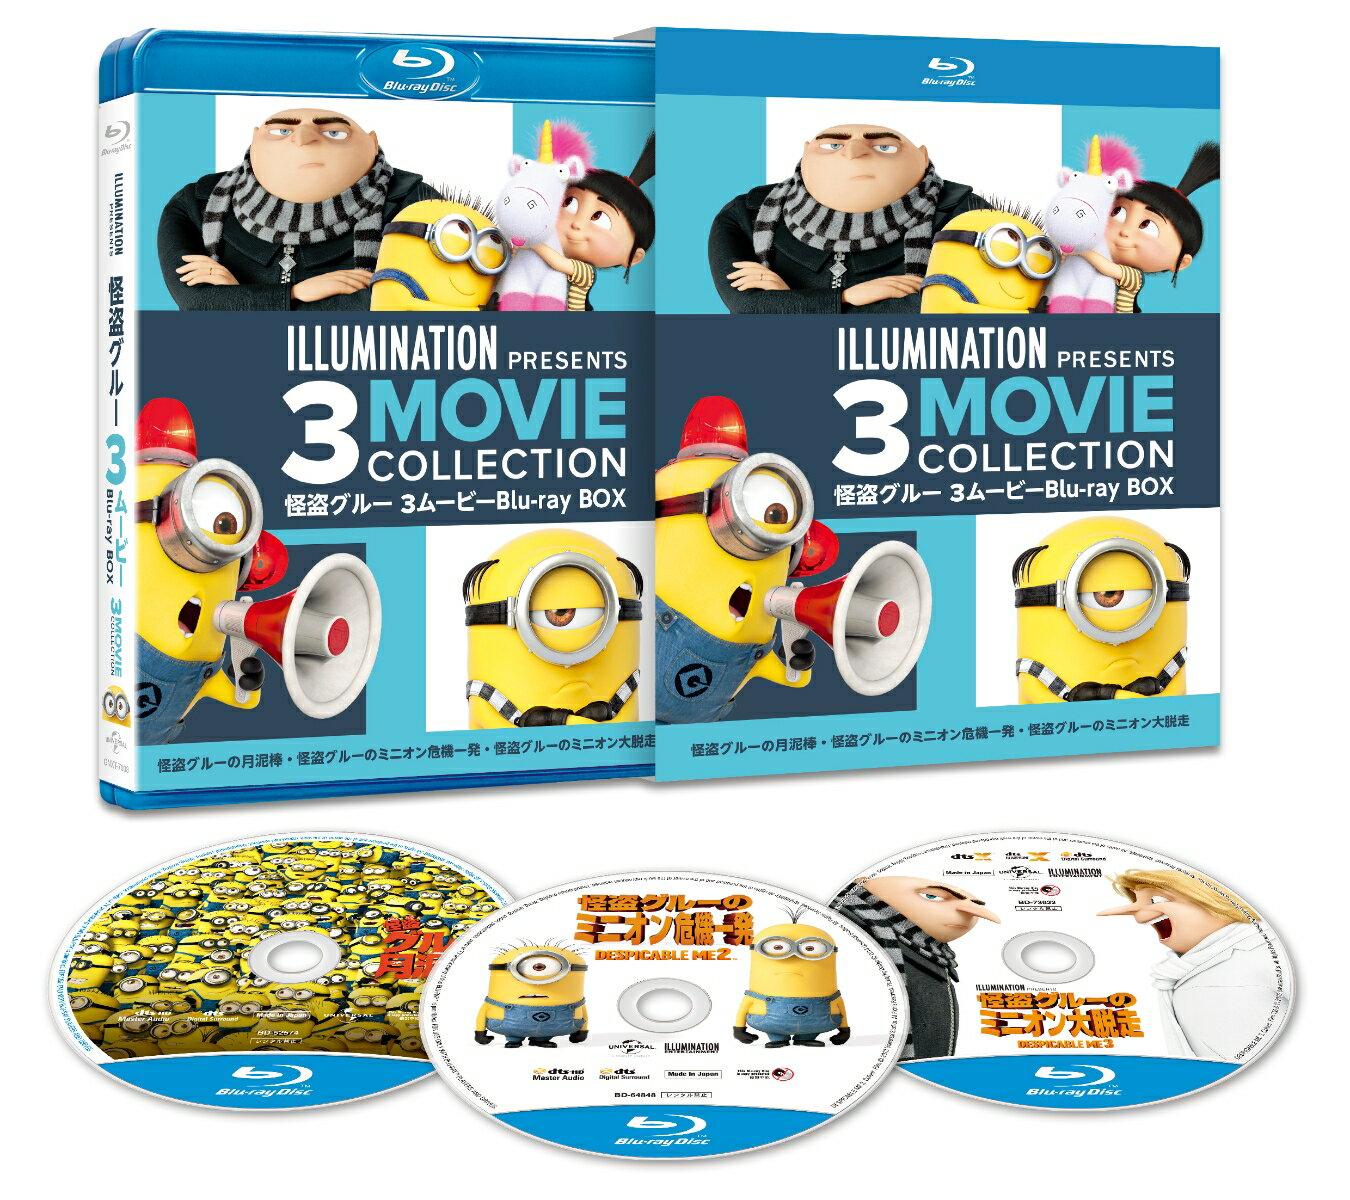 【タイムセール】【楽天ブックス限定商品】怪盗グルー 3ムービーBlu-ray BOX【Blu-ray】